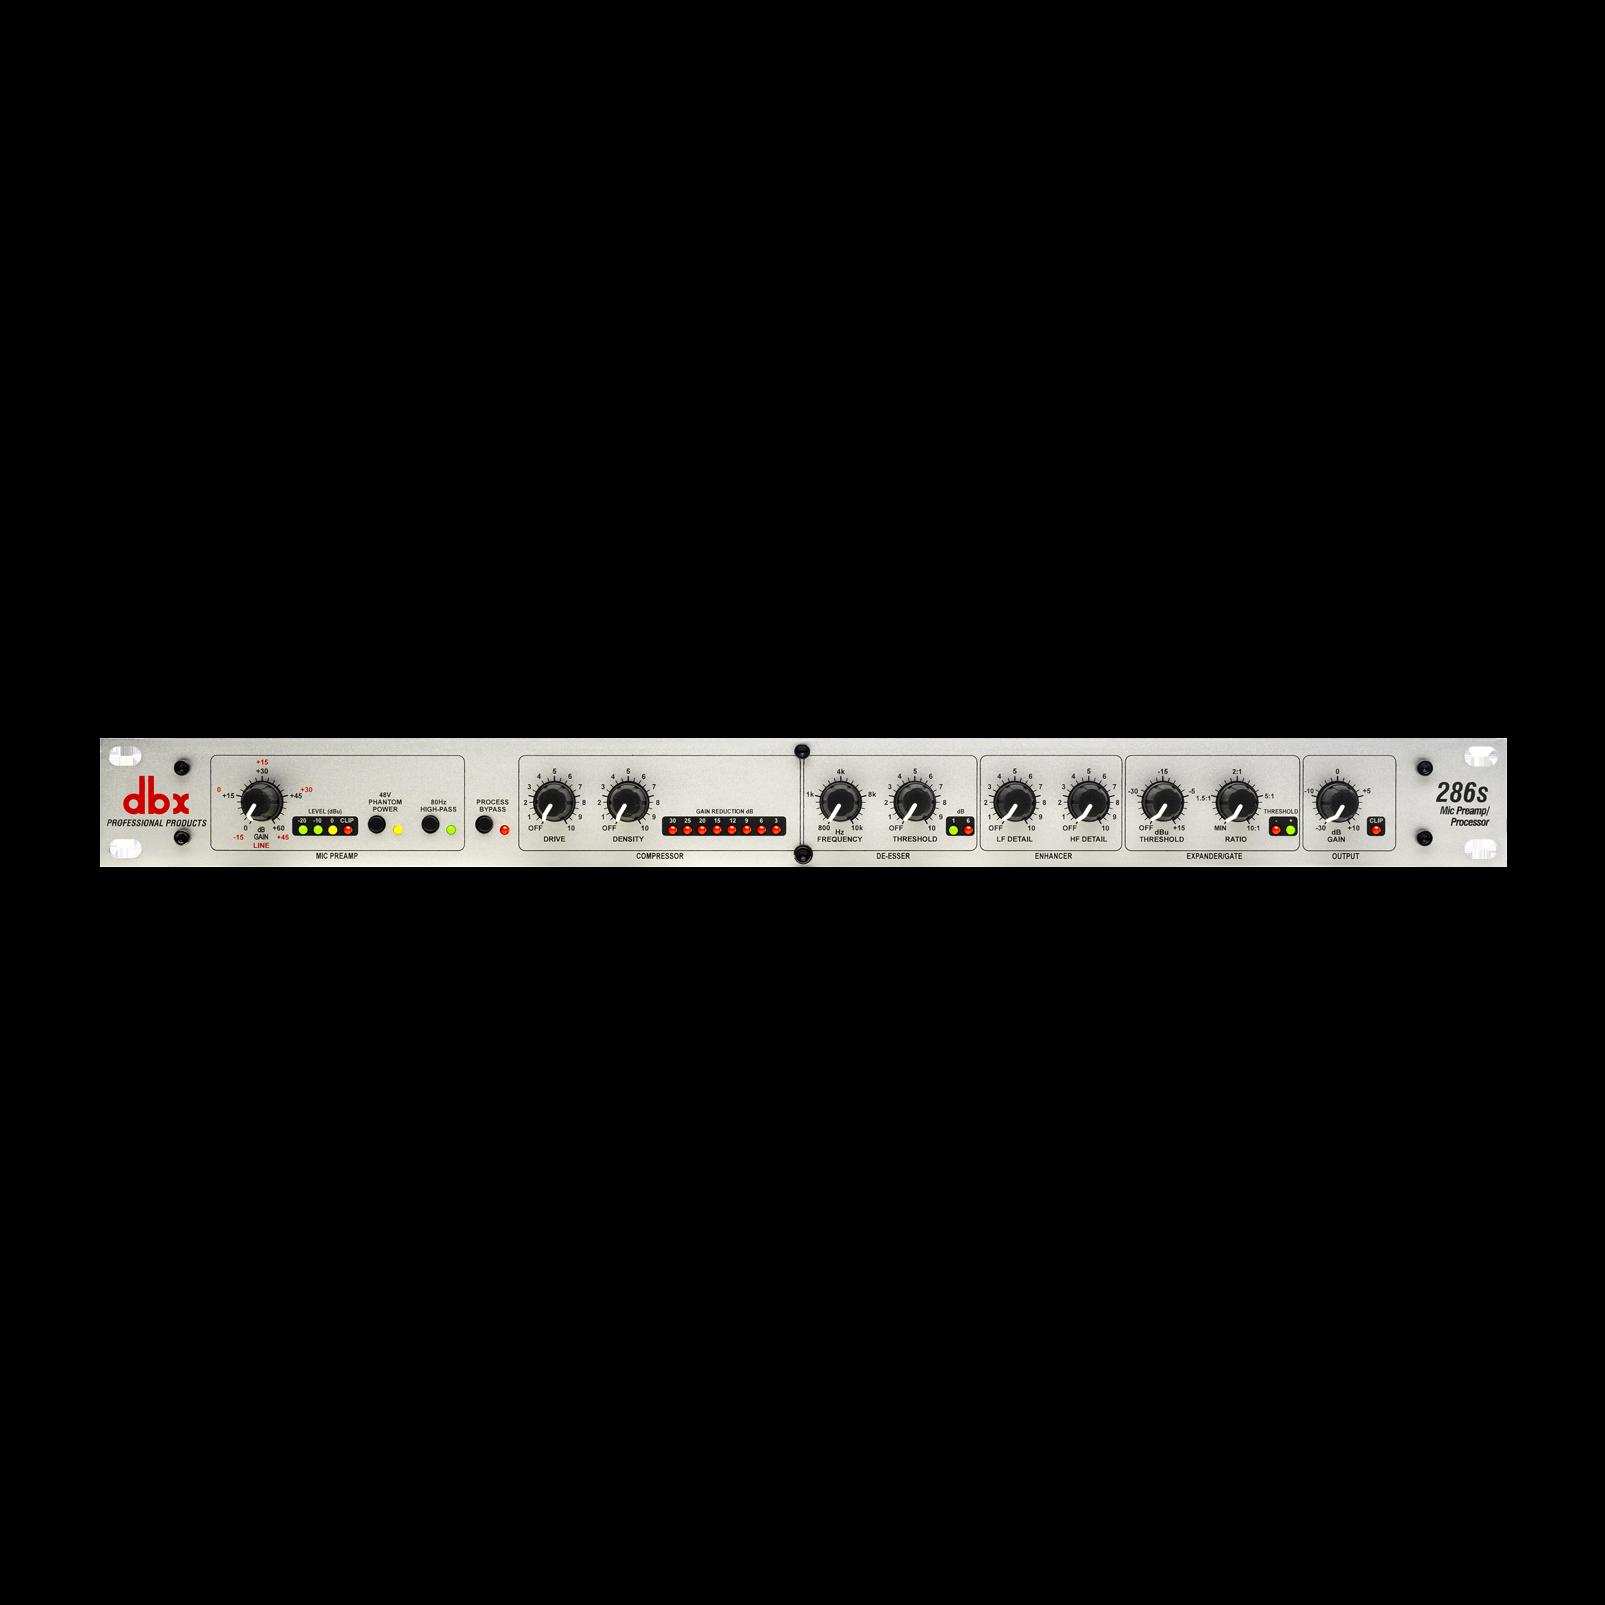 286s - White - Microphone Pre-amp Processor - Hero